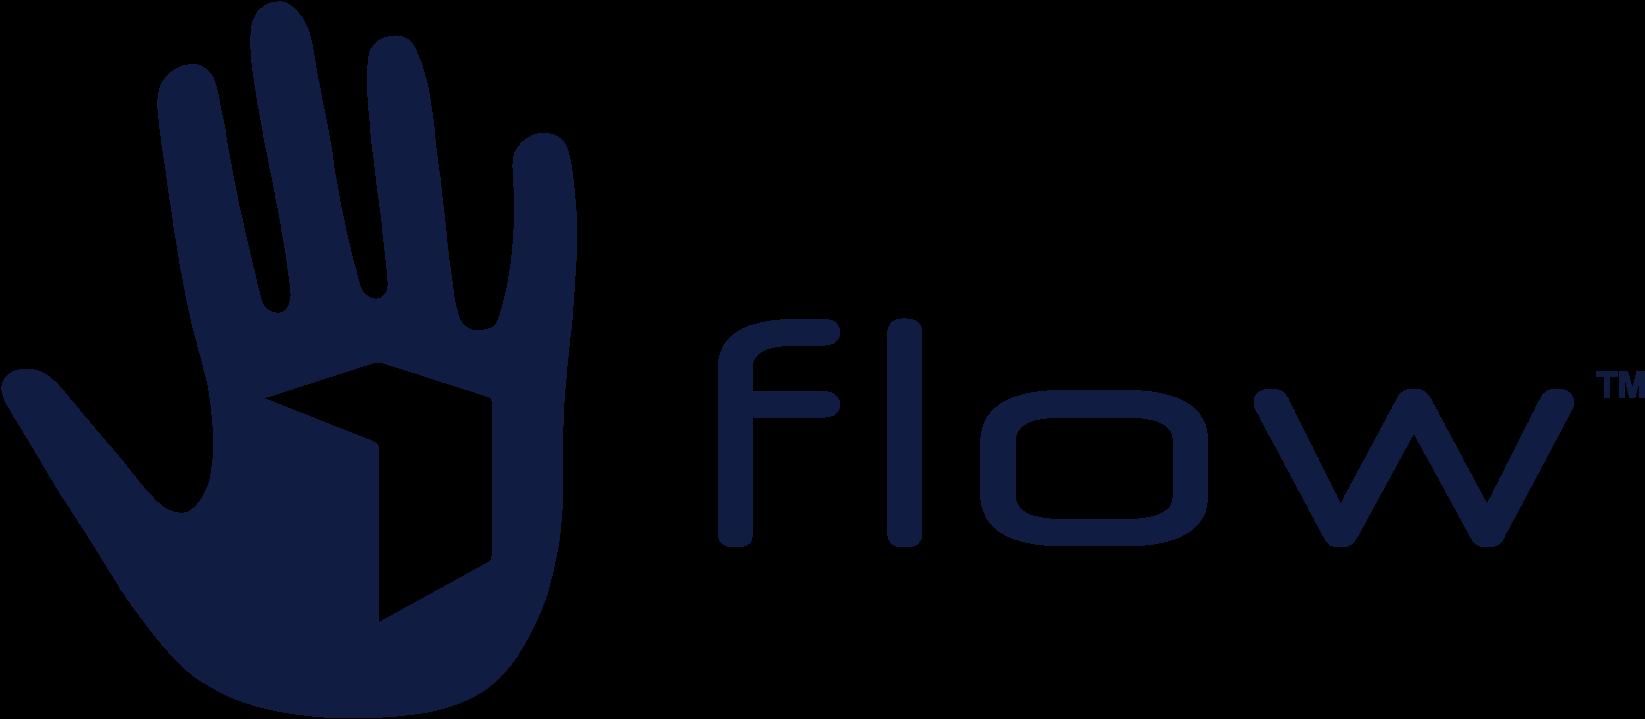 SUBPAC FLOW